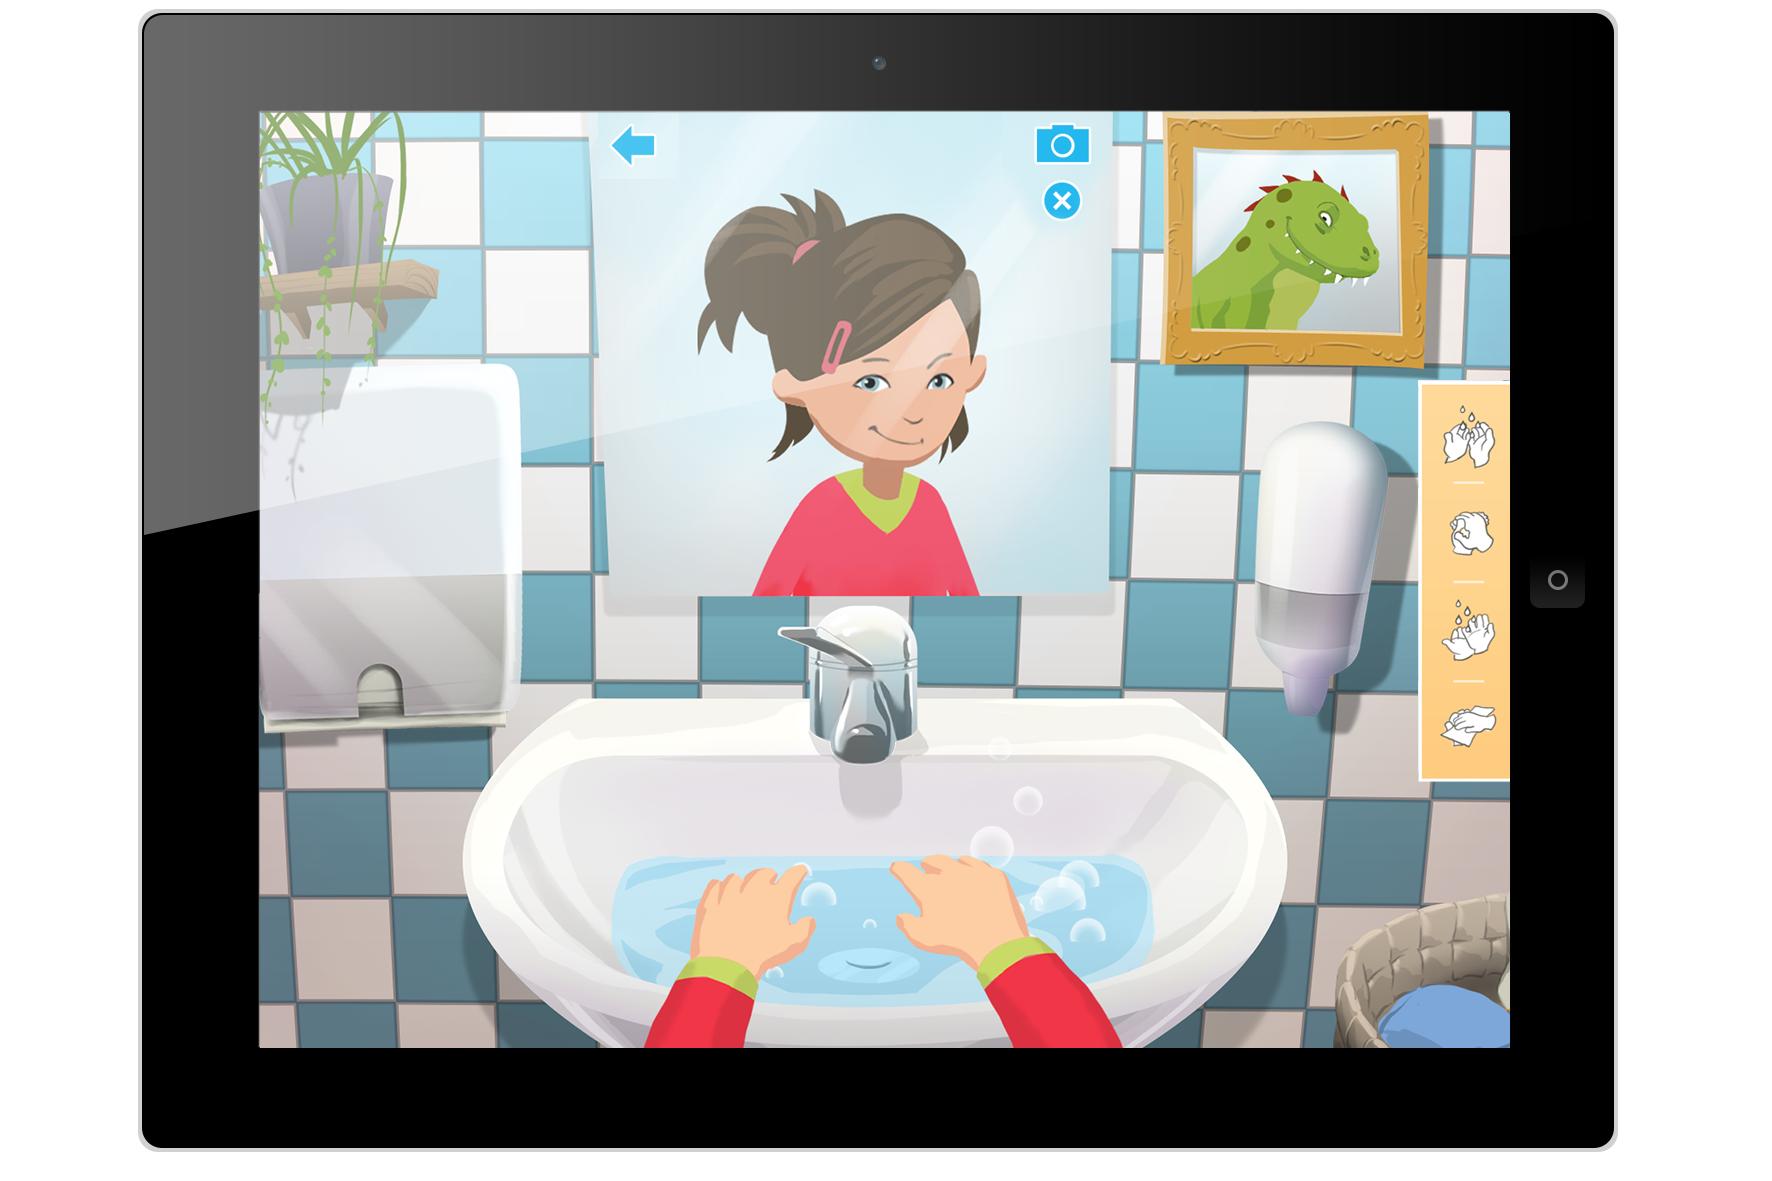 Journ e mondiale du lavage des mains sortie d 39 une - Protocole de lavage des mains en cuisine ...